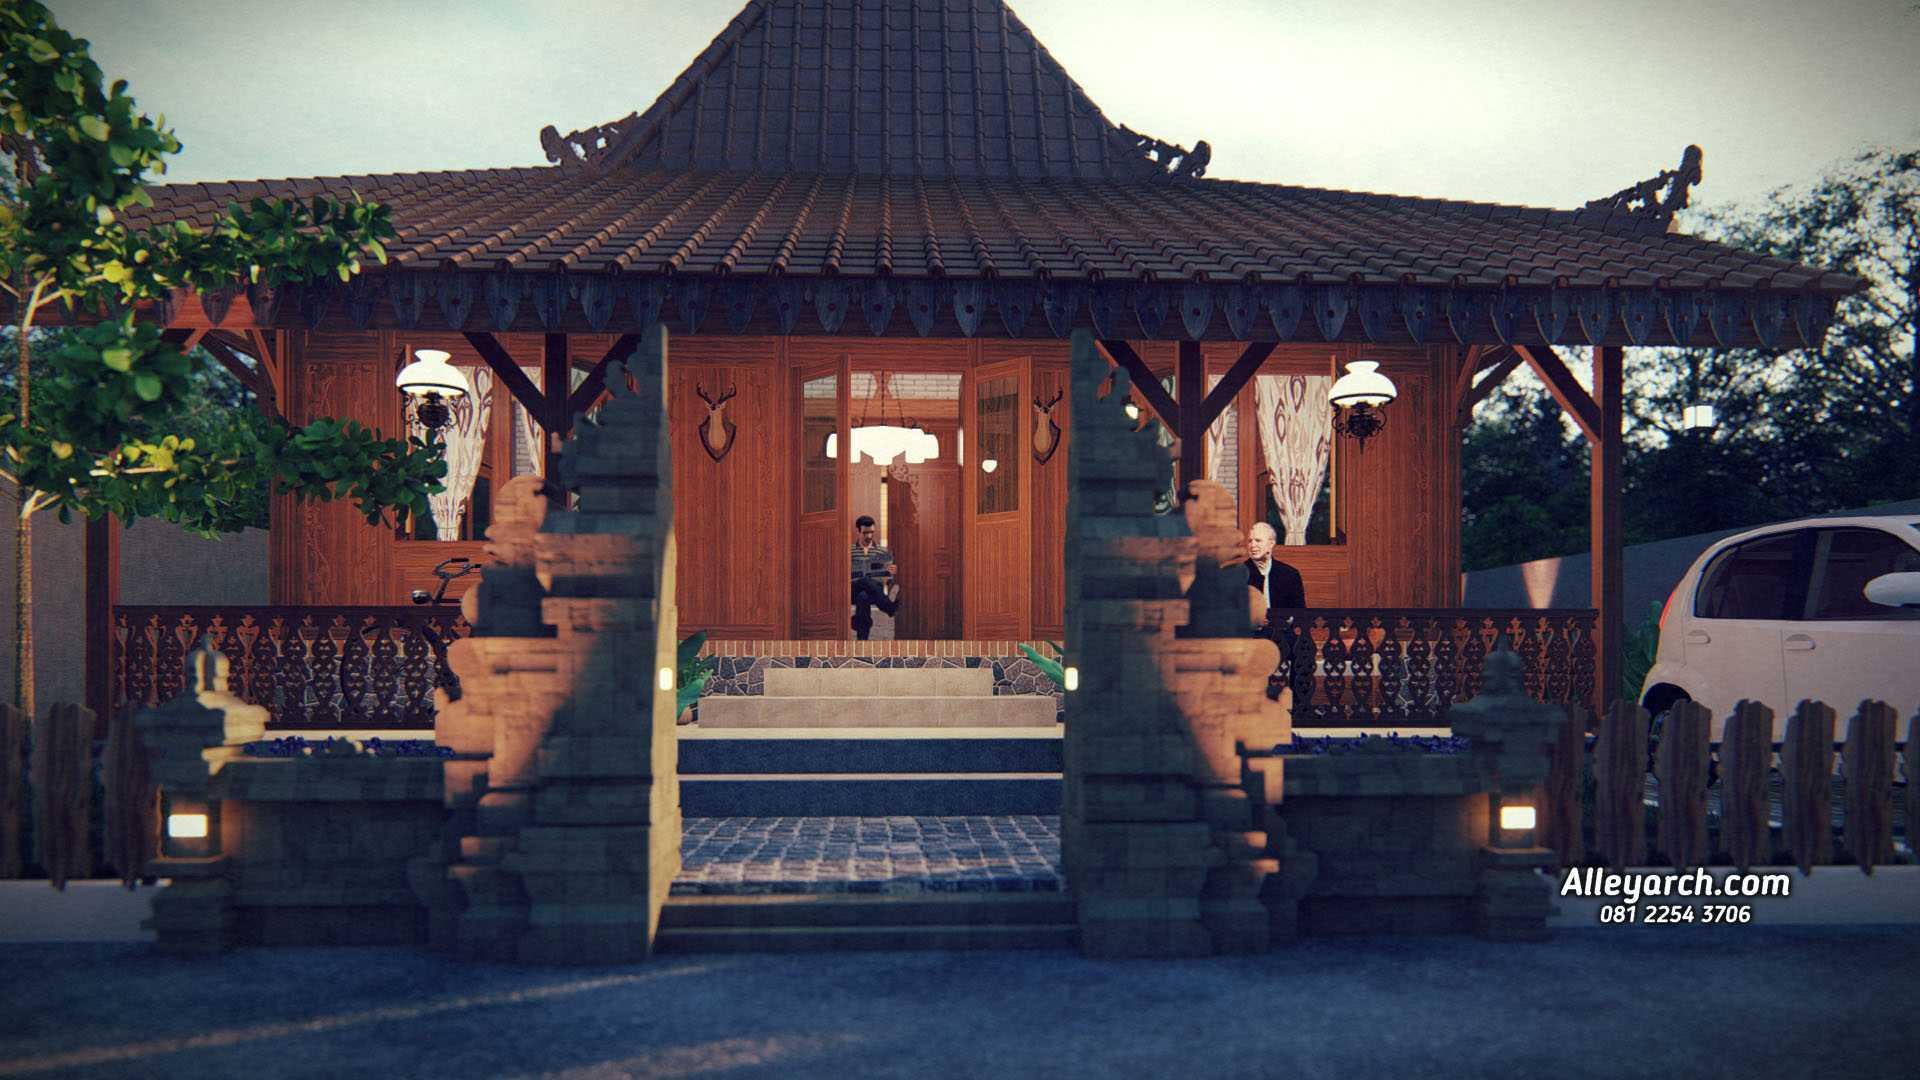 Alleyarch Jasa Arsitek Semarang Desain Rumah Joglo Di Semarang Semarang, Kota Semarang, Jawa Tengah, Indonesia Semarang, Kota Semarang, Jawa Tengah, Indonesia Alleyarchcom-Desain-Rumah-Joglo-Di-Semarang   88963